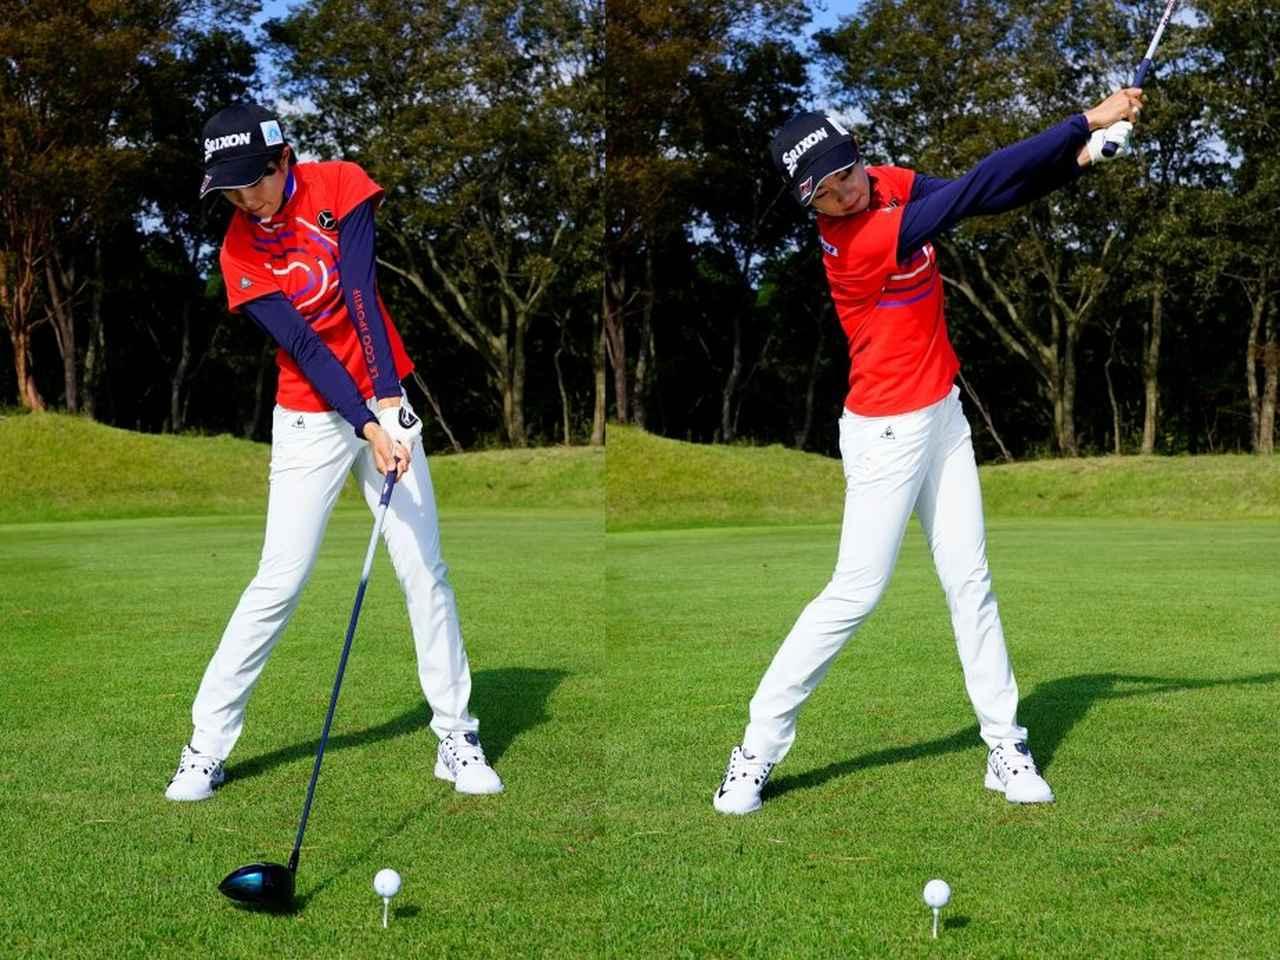 画像: 「右サイドを残すことでヘッド速度が上がります。右肩を出すのはインパクトの後です」